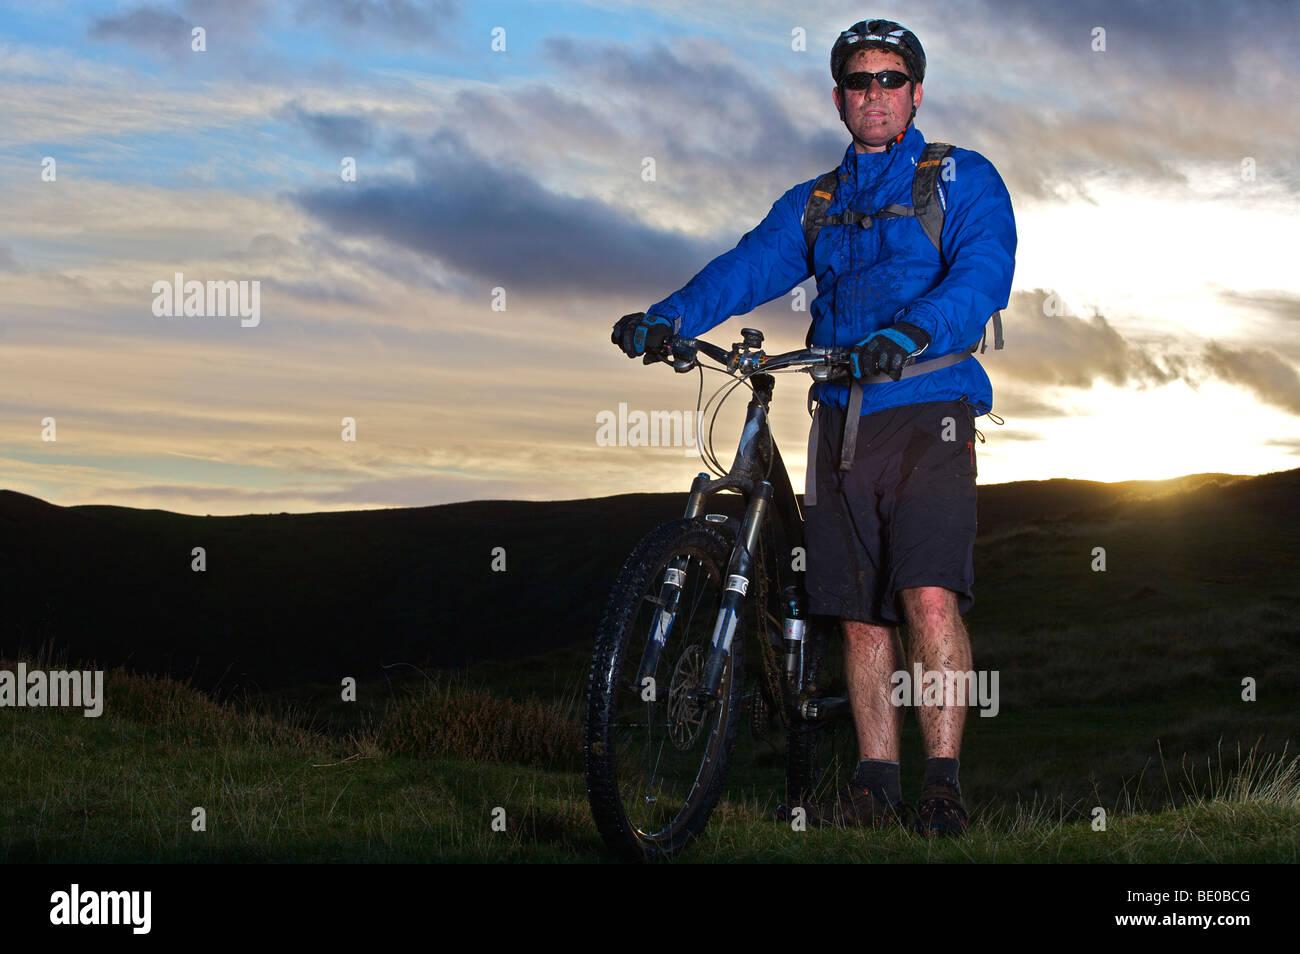 Porträt eines Mountain-Bikers. Stockbild